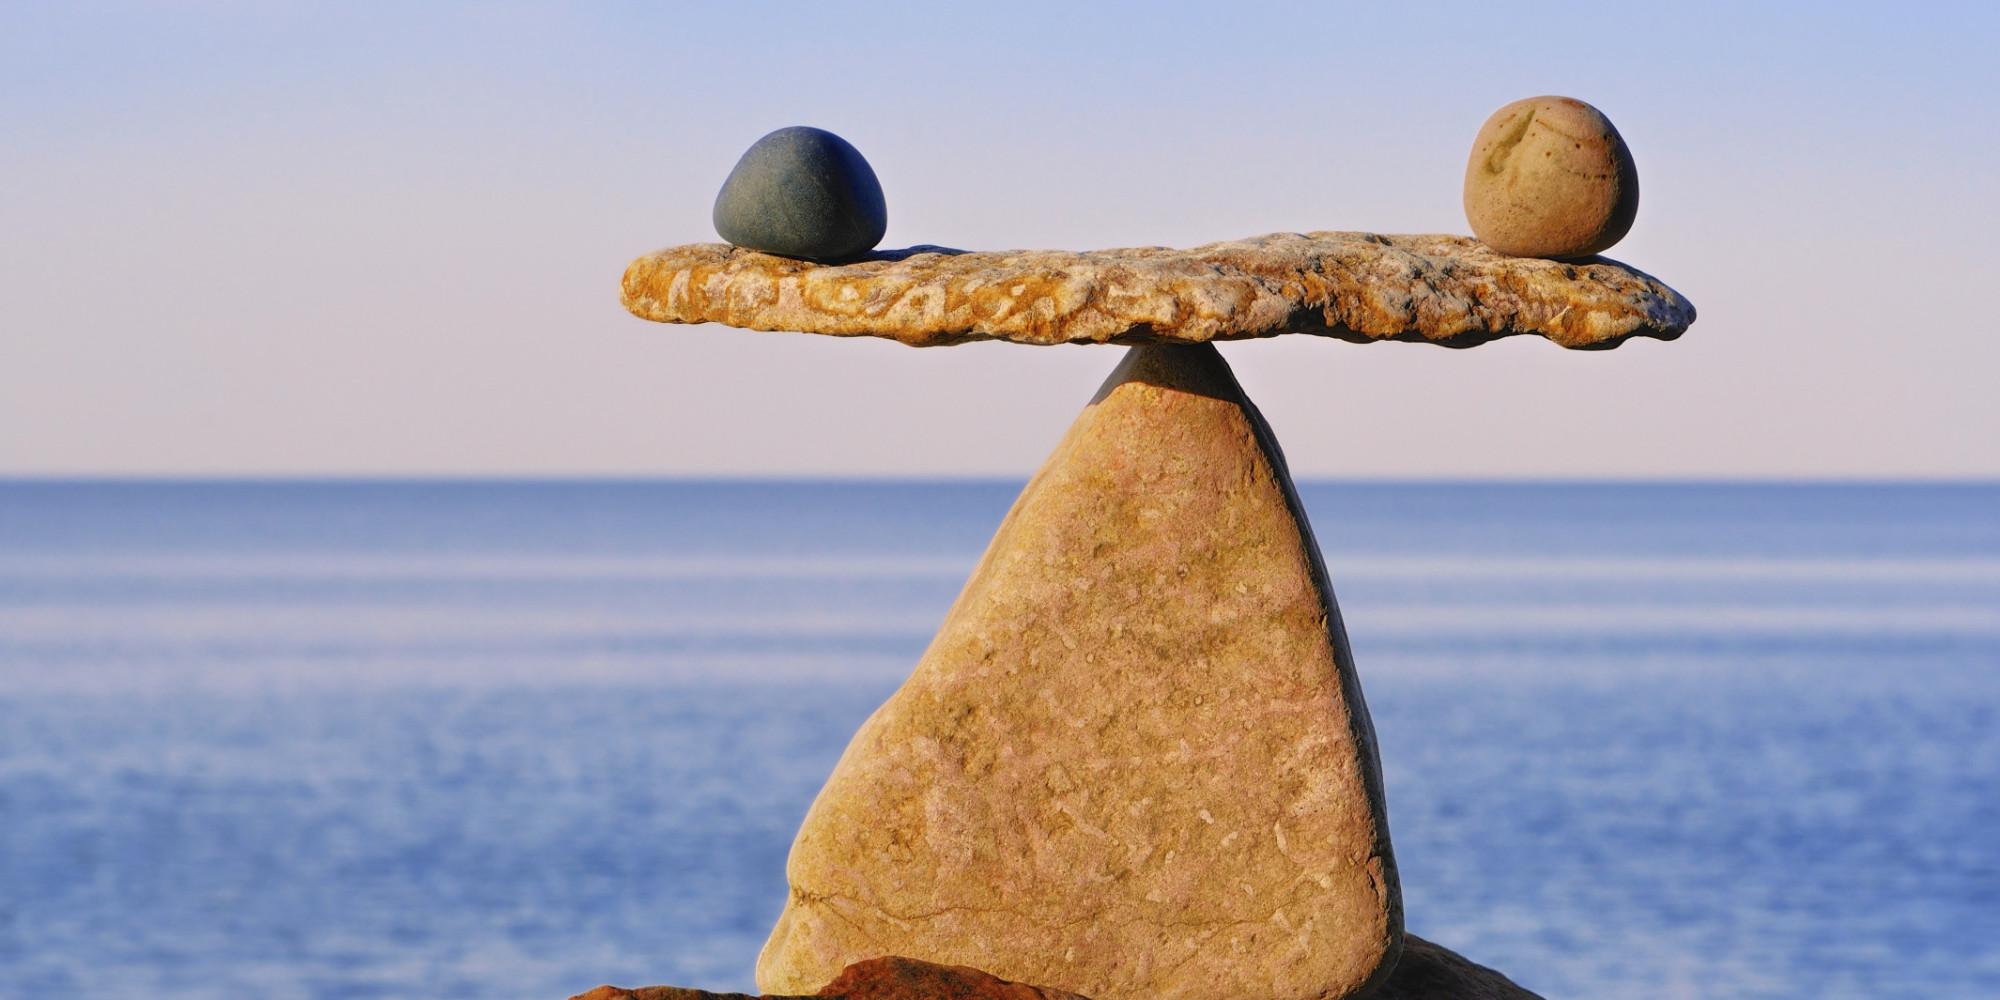 Bildergebnis für Gleichgewicht